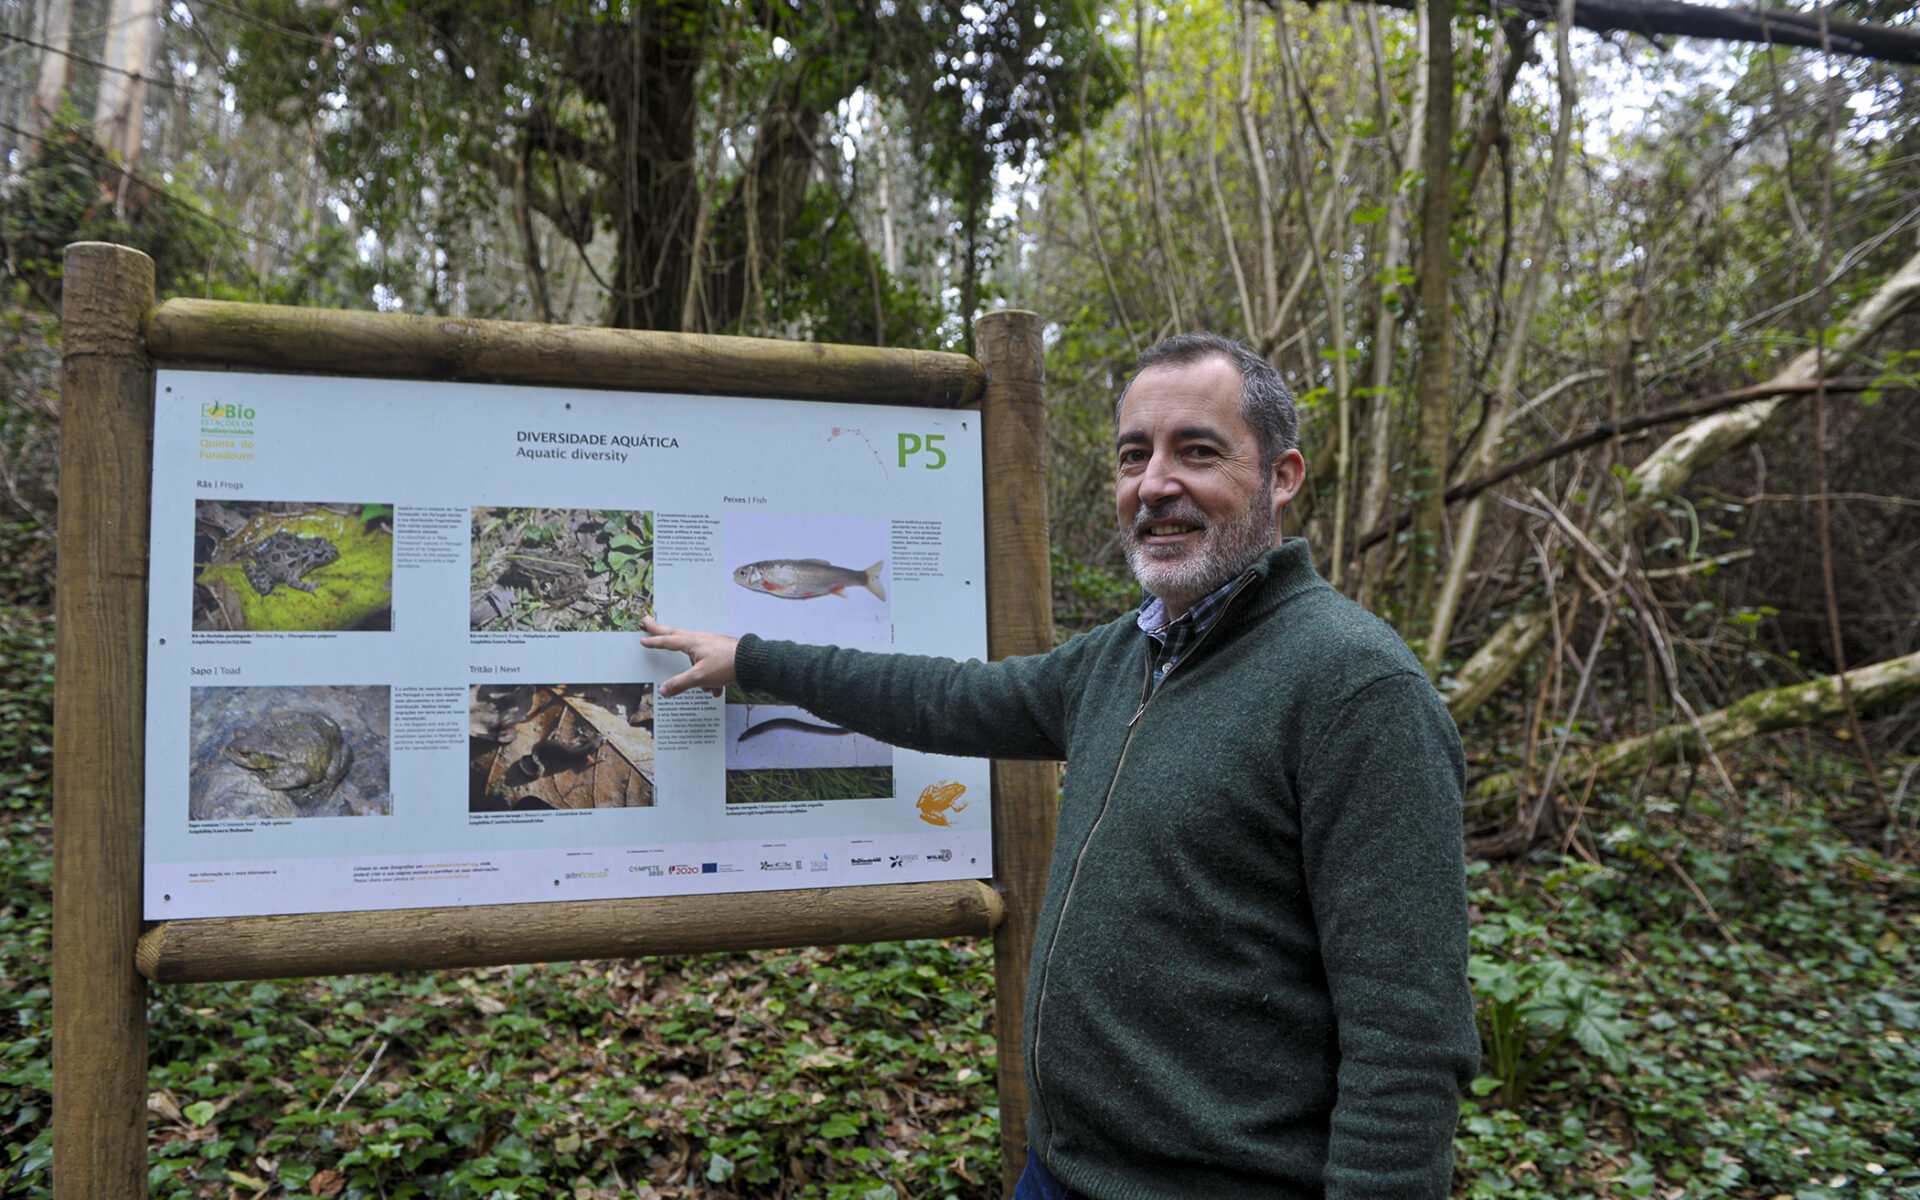 Painel informativo na estação de biodiversidade na Quinta do Furadouro